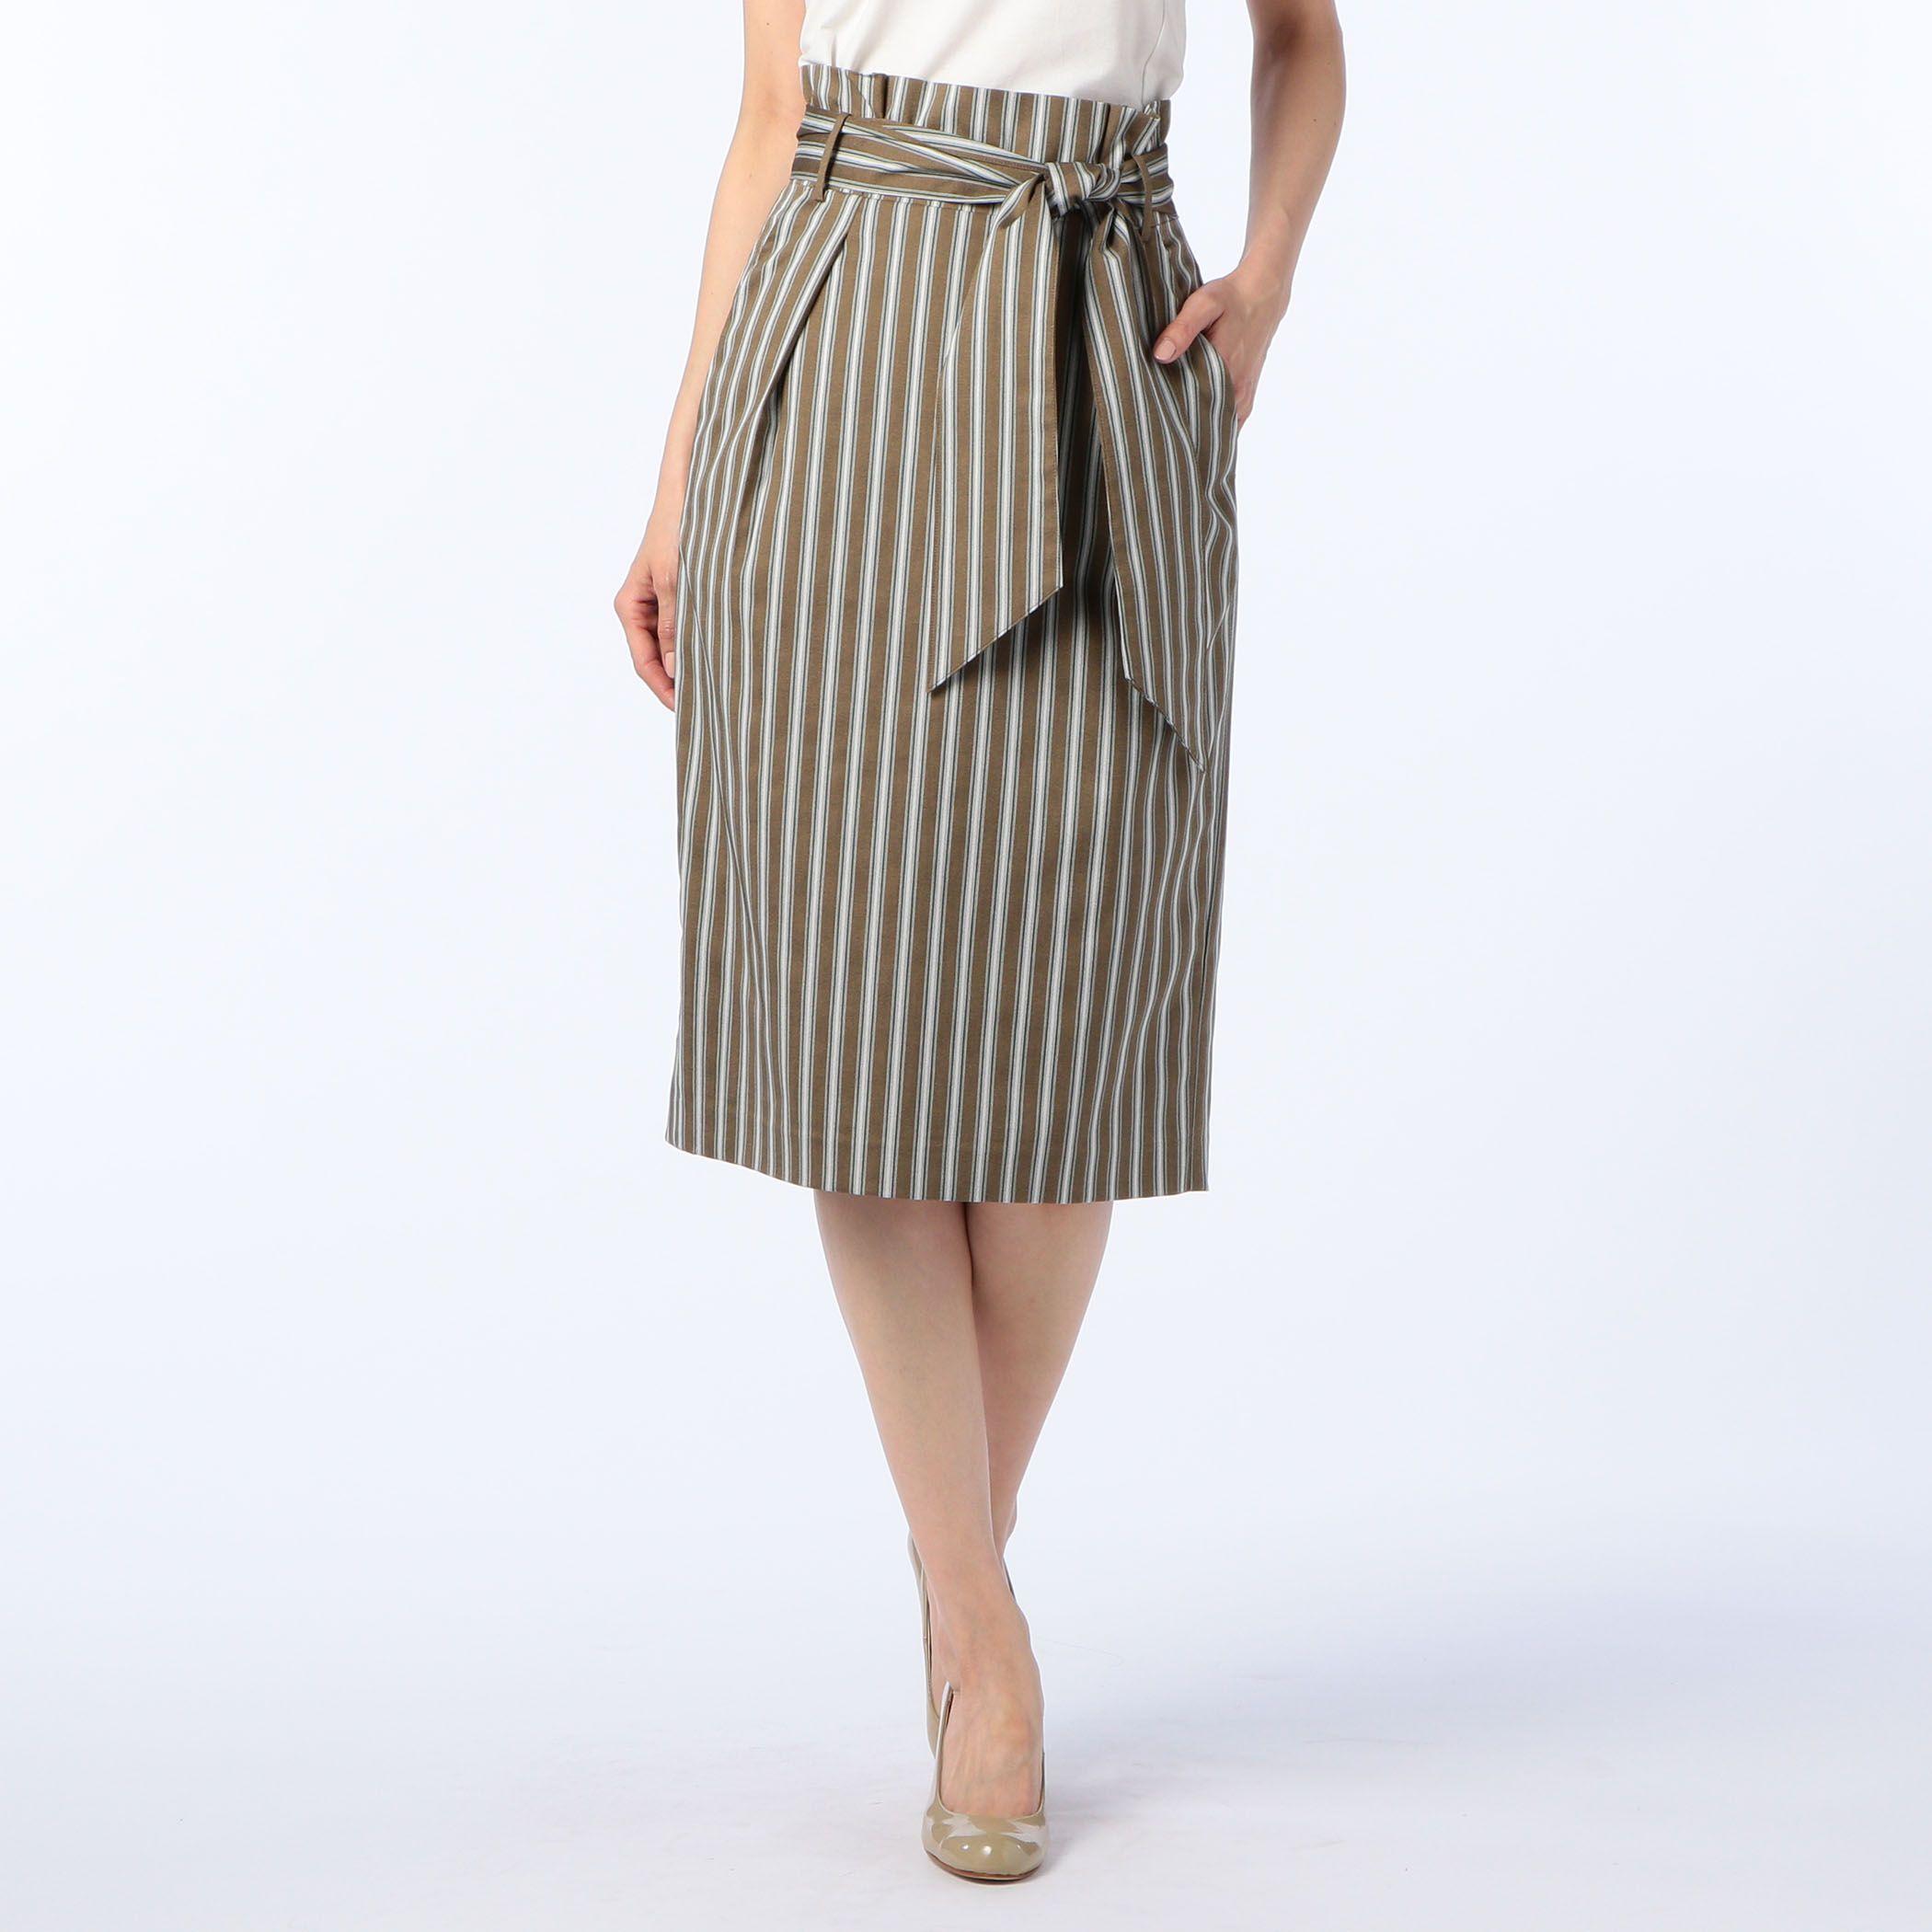 NOLLEY'S sophiノーリーズソフィー/リボン付ストライプスカート